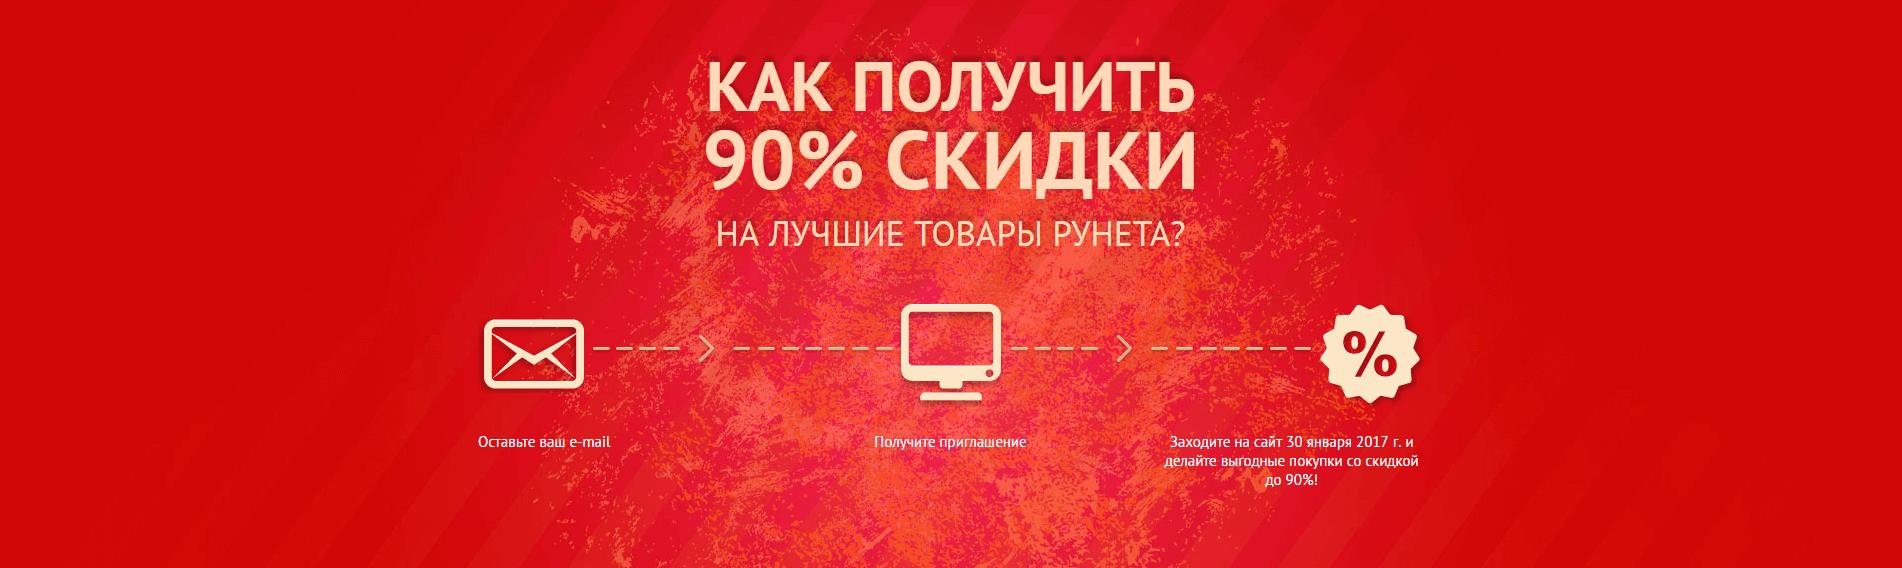 Киберпонедельник 2018 в России